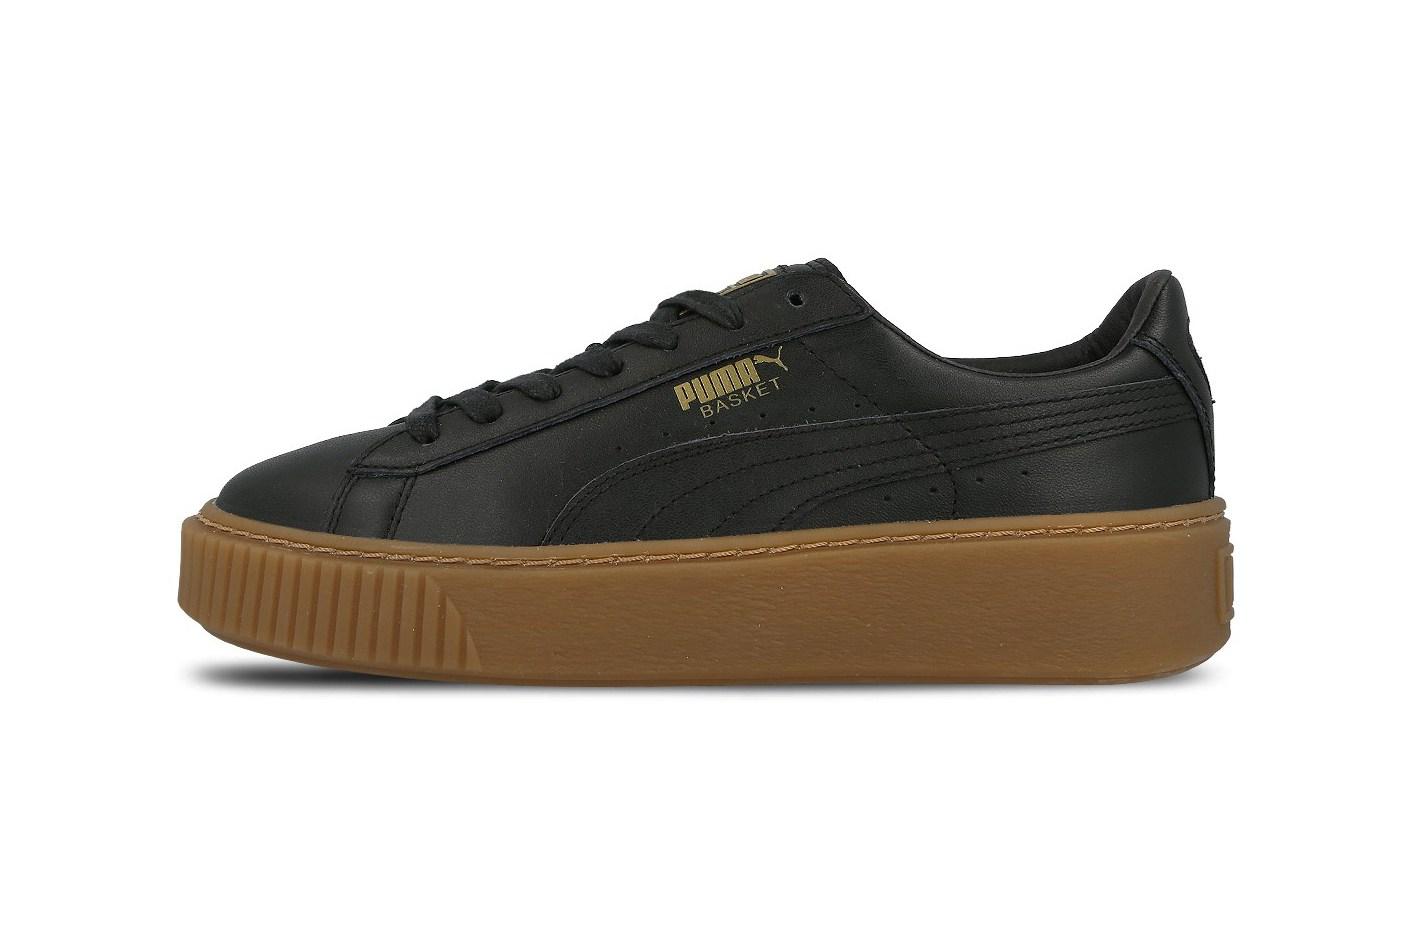 puma-basket-platform-core-gum-sole-3